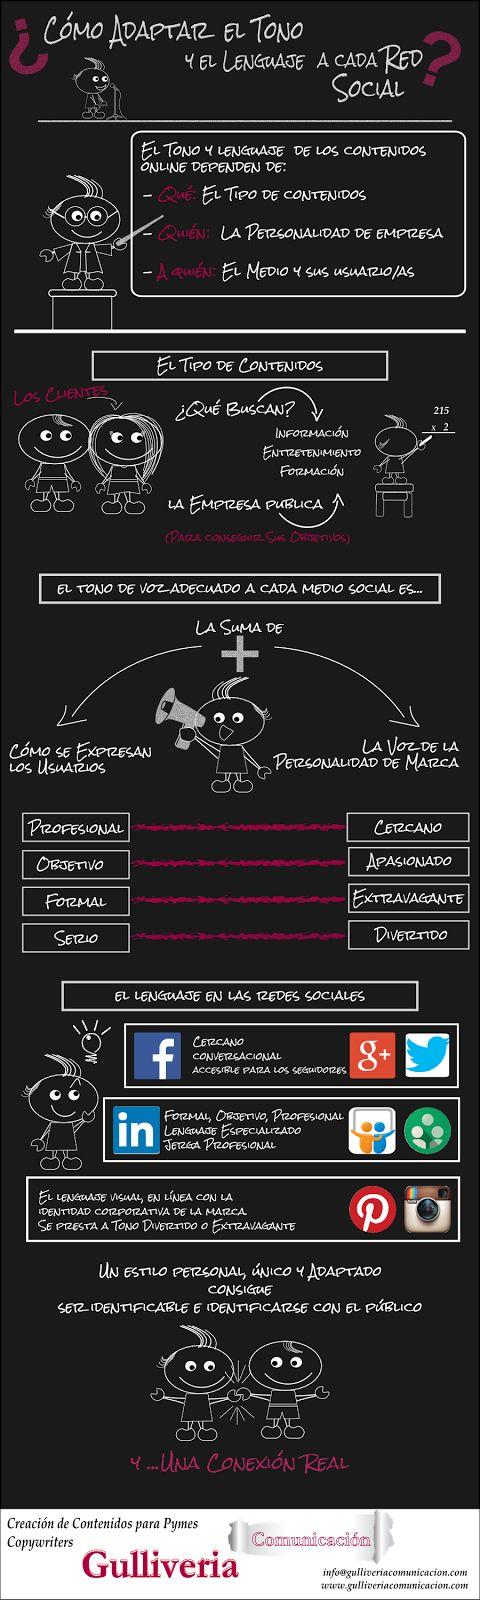 Cómo adaptar tono y estilo en las redes sociales. #Infografía